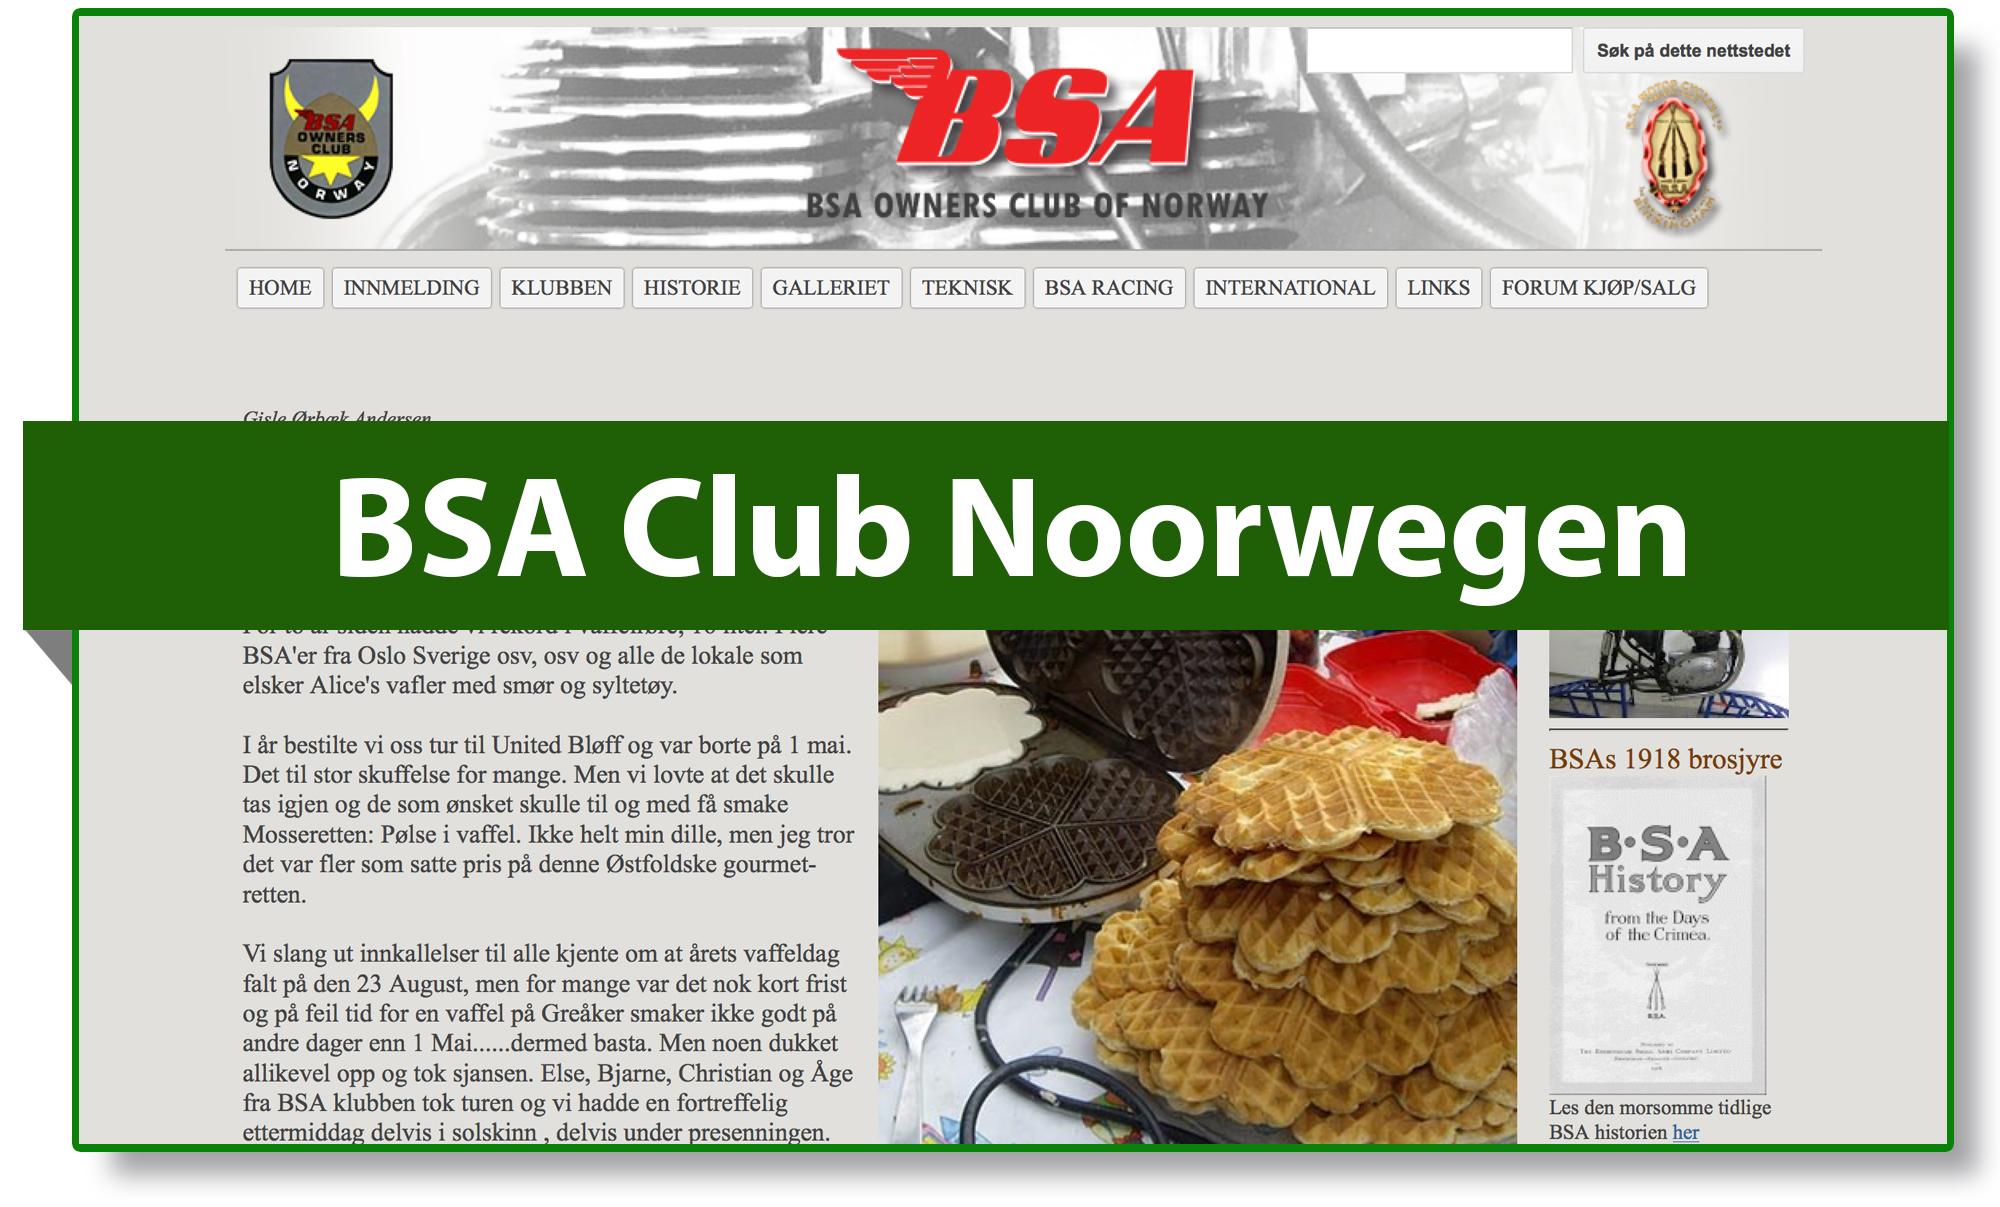 BSA club Noorwegen